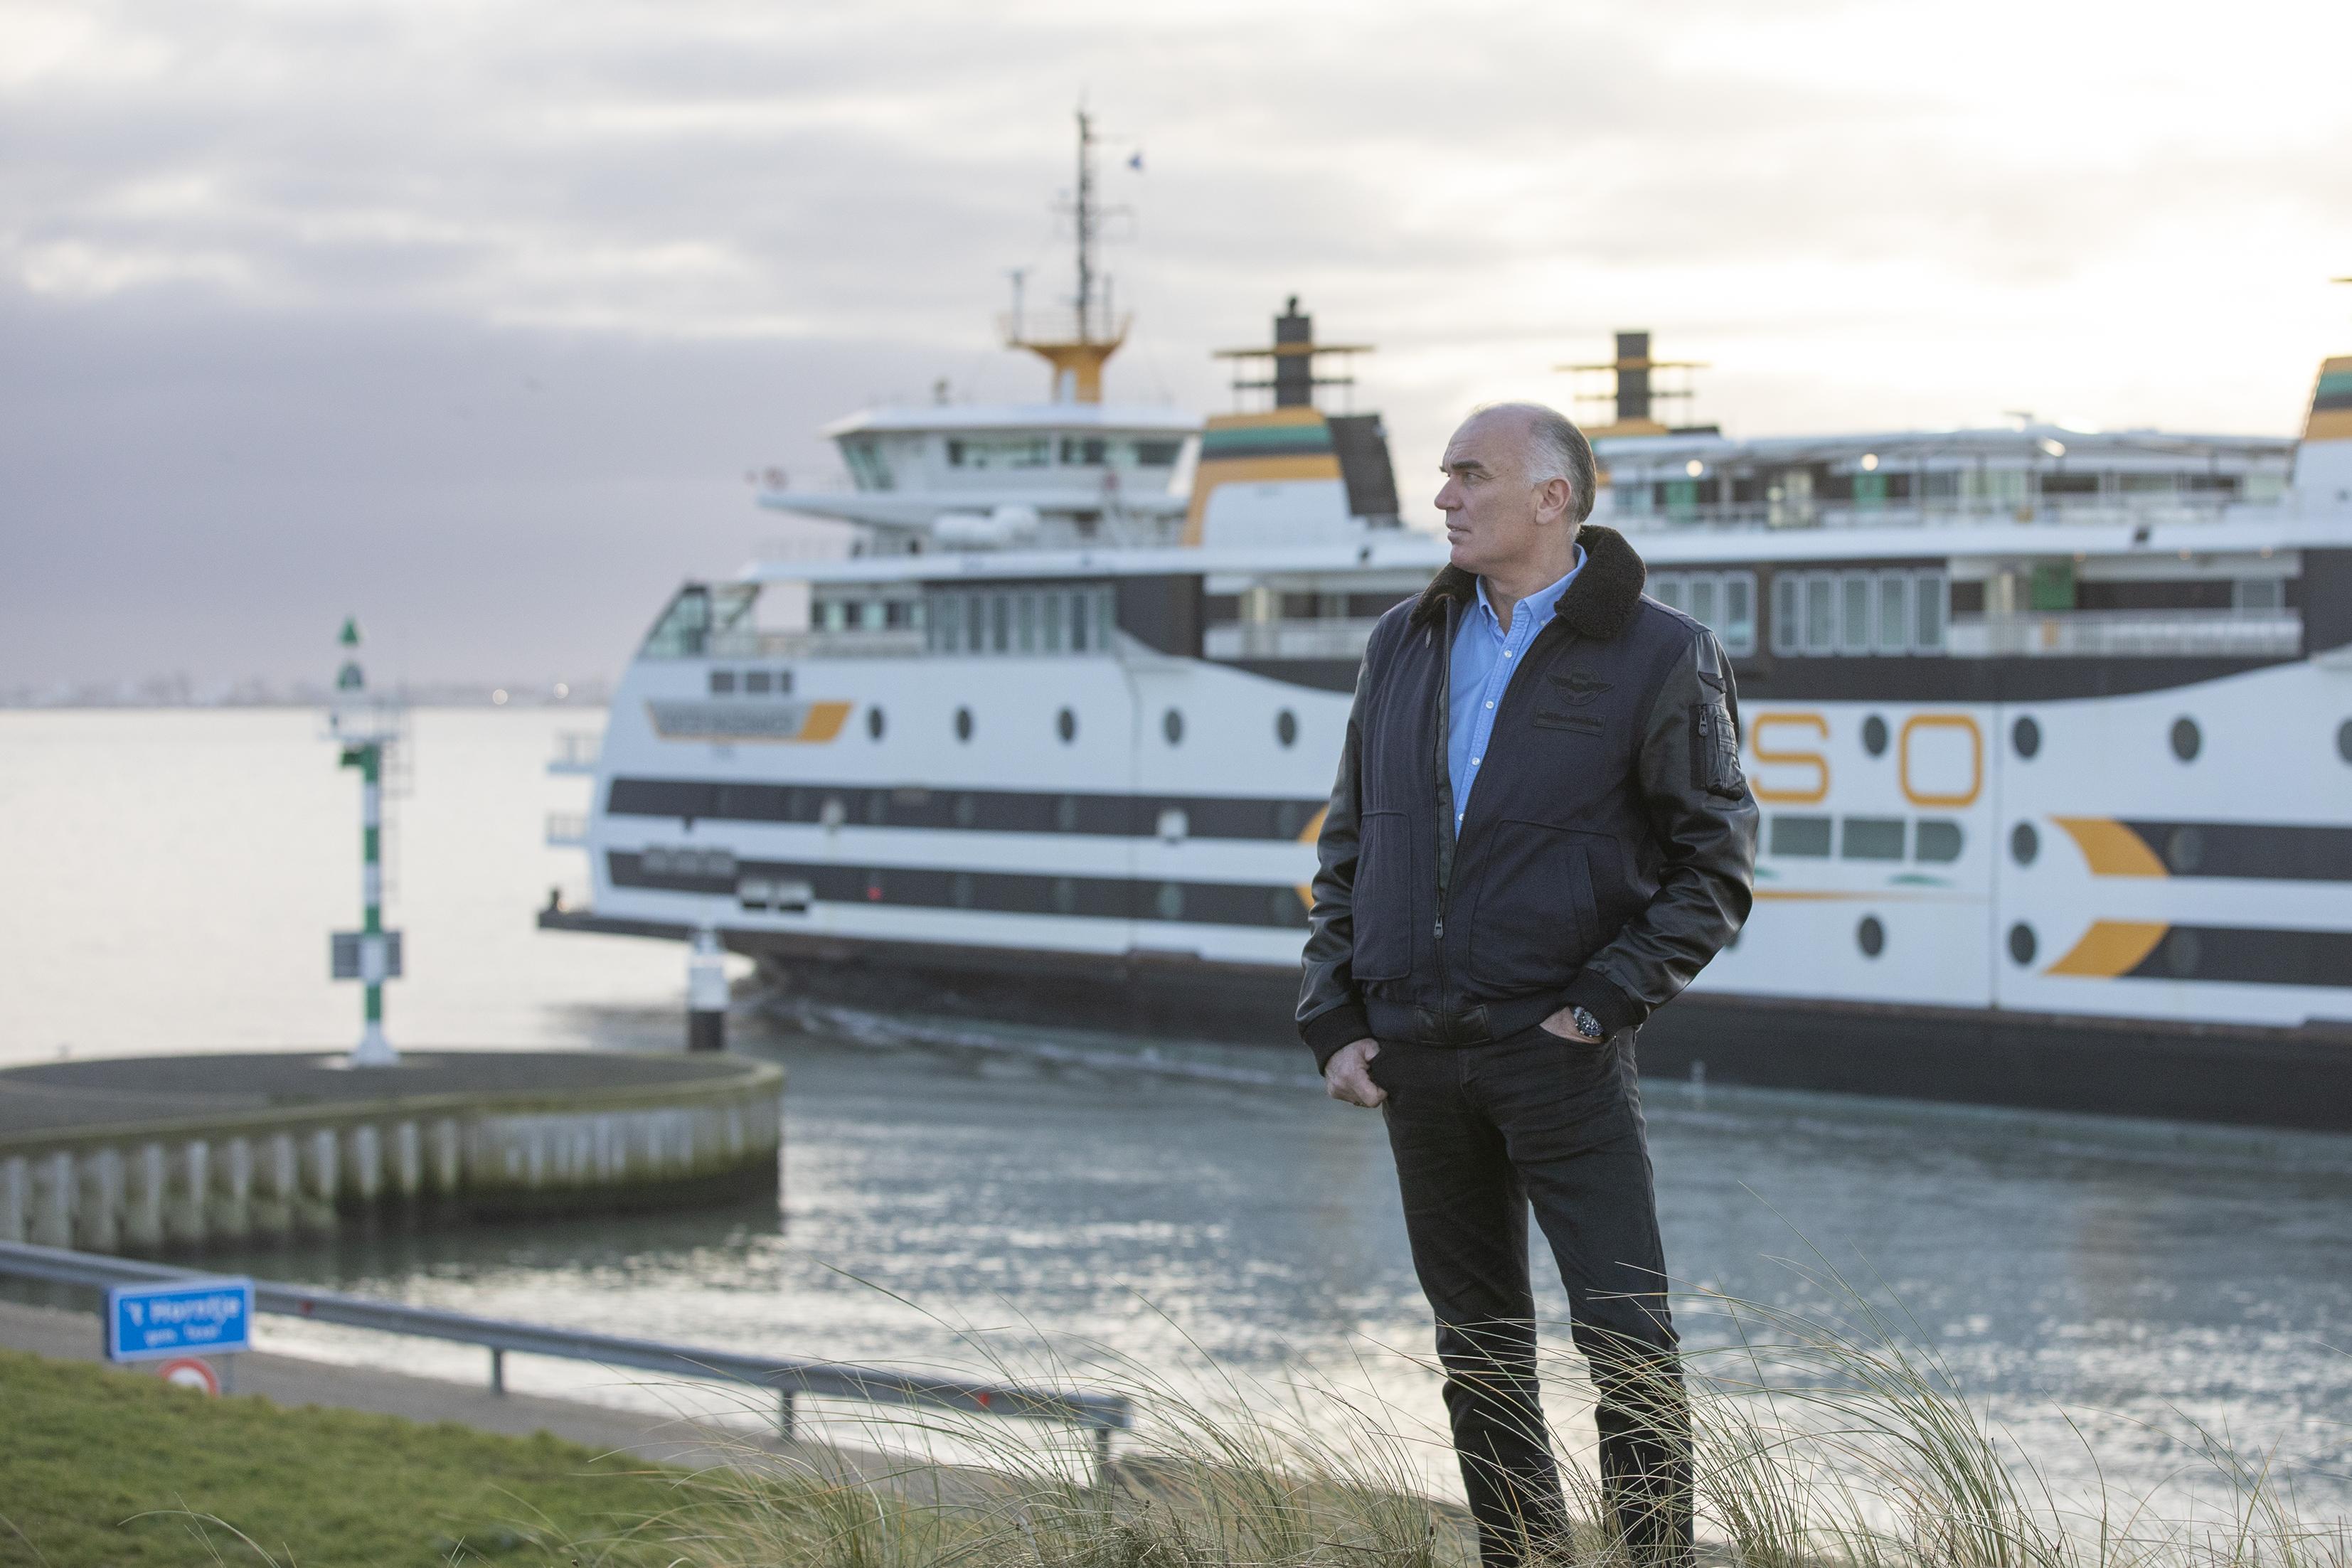 Verhaal zaalvoetballers Texel zelfs verteld op nationale televisie. Coach Martijn de Veij: 'We gaan alleen met de boot heen en weer, niet drie weken op vakantie'